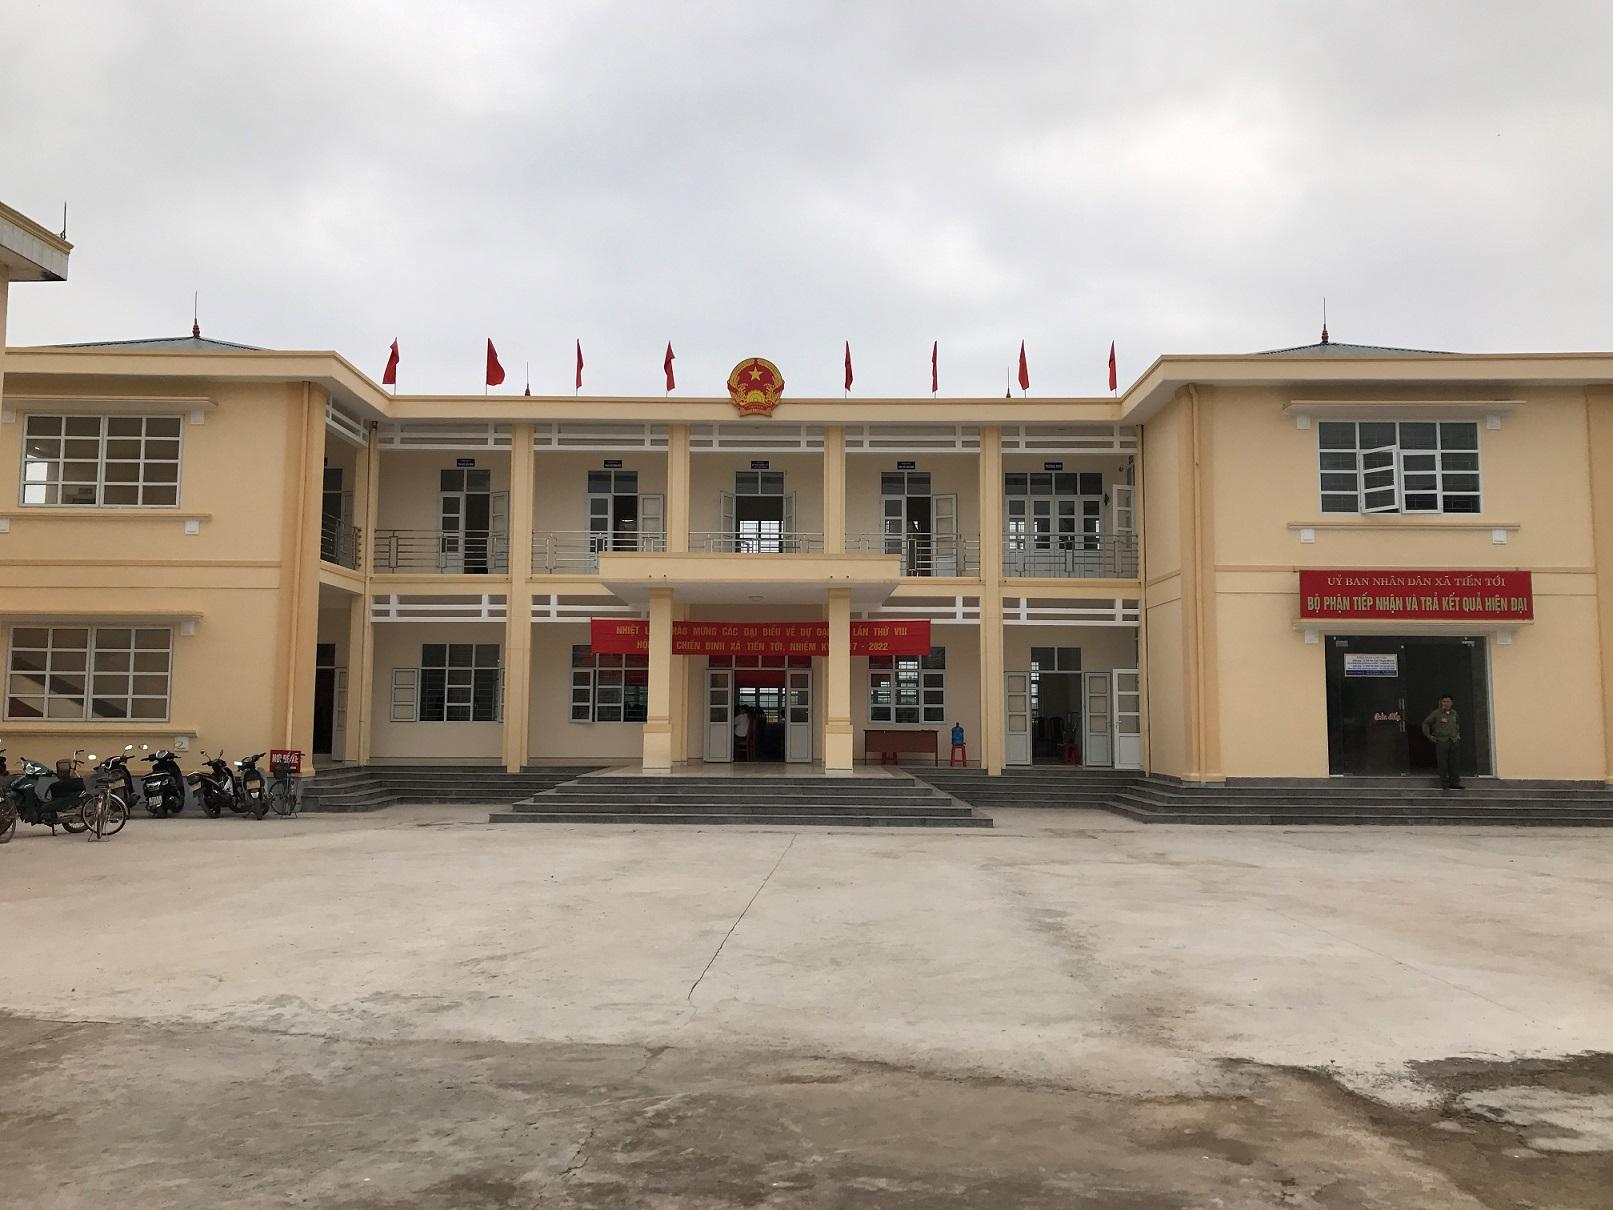 Thi công tấm nhựa compact toilet ở Trụ sở UBND Bình Ba, Bà Rịa Vũng Tàu